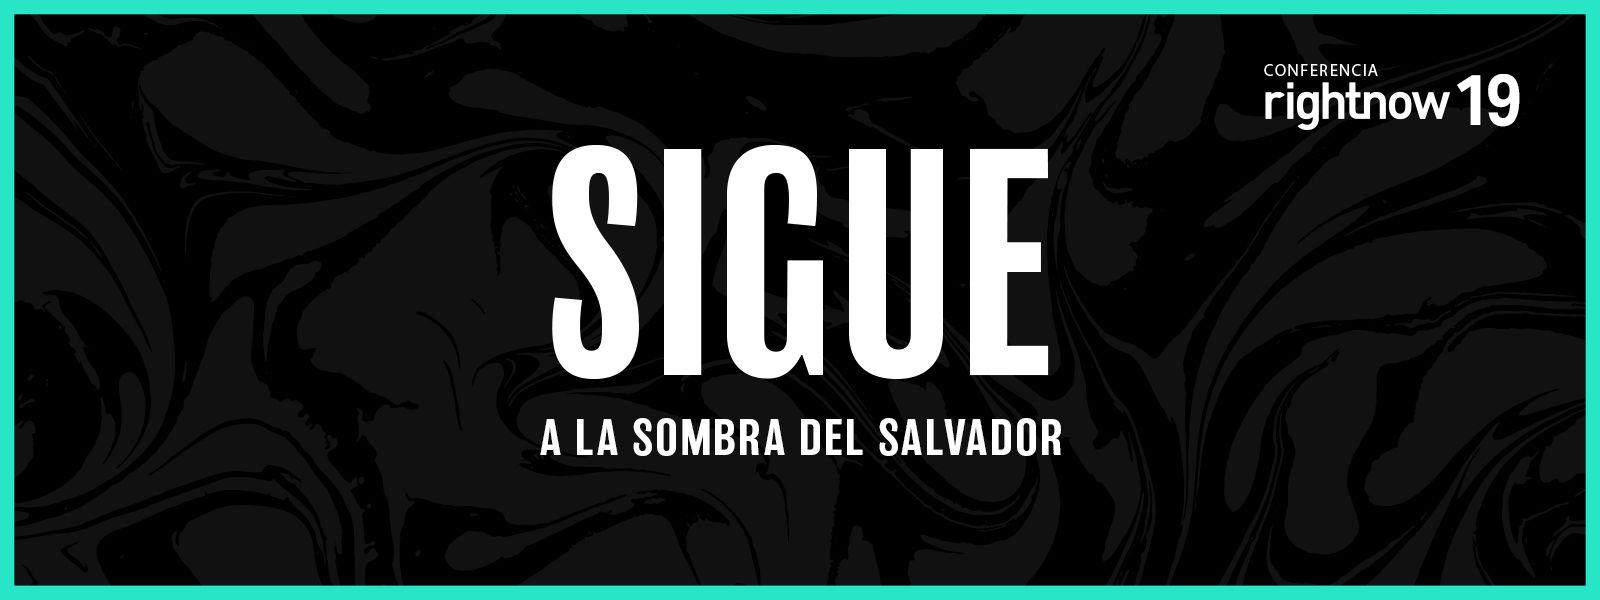 SIGUE A LA SOMBRA DEL SALVADOR conferencia de RightNow